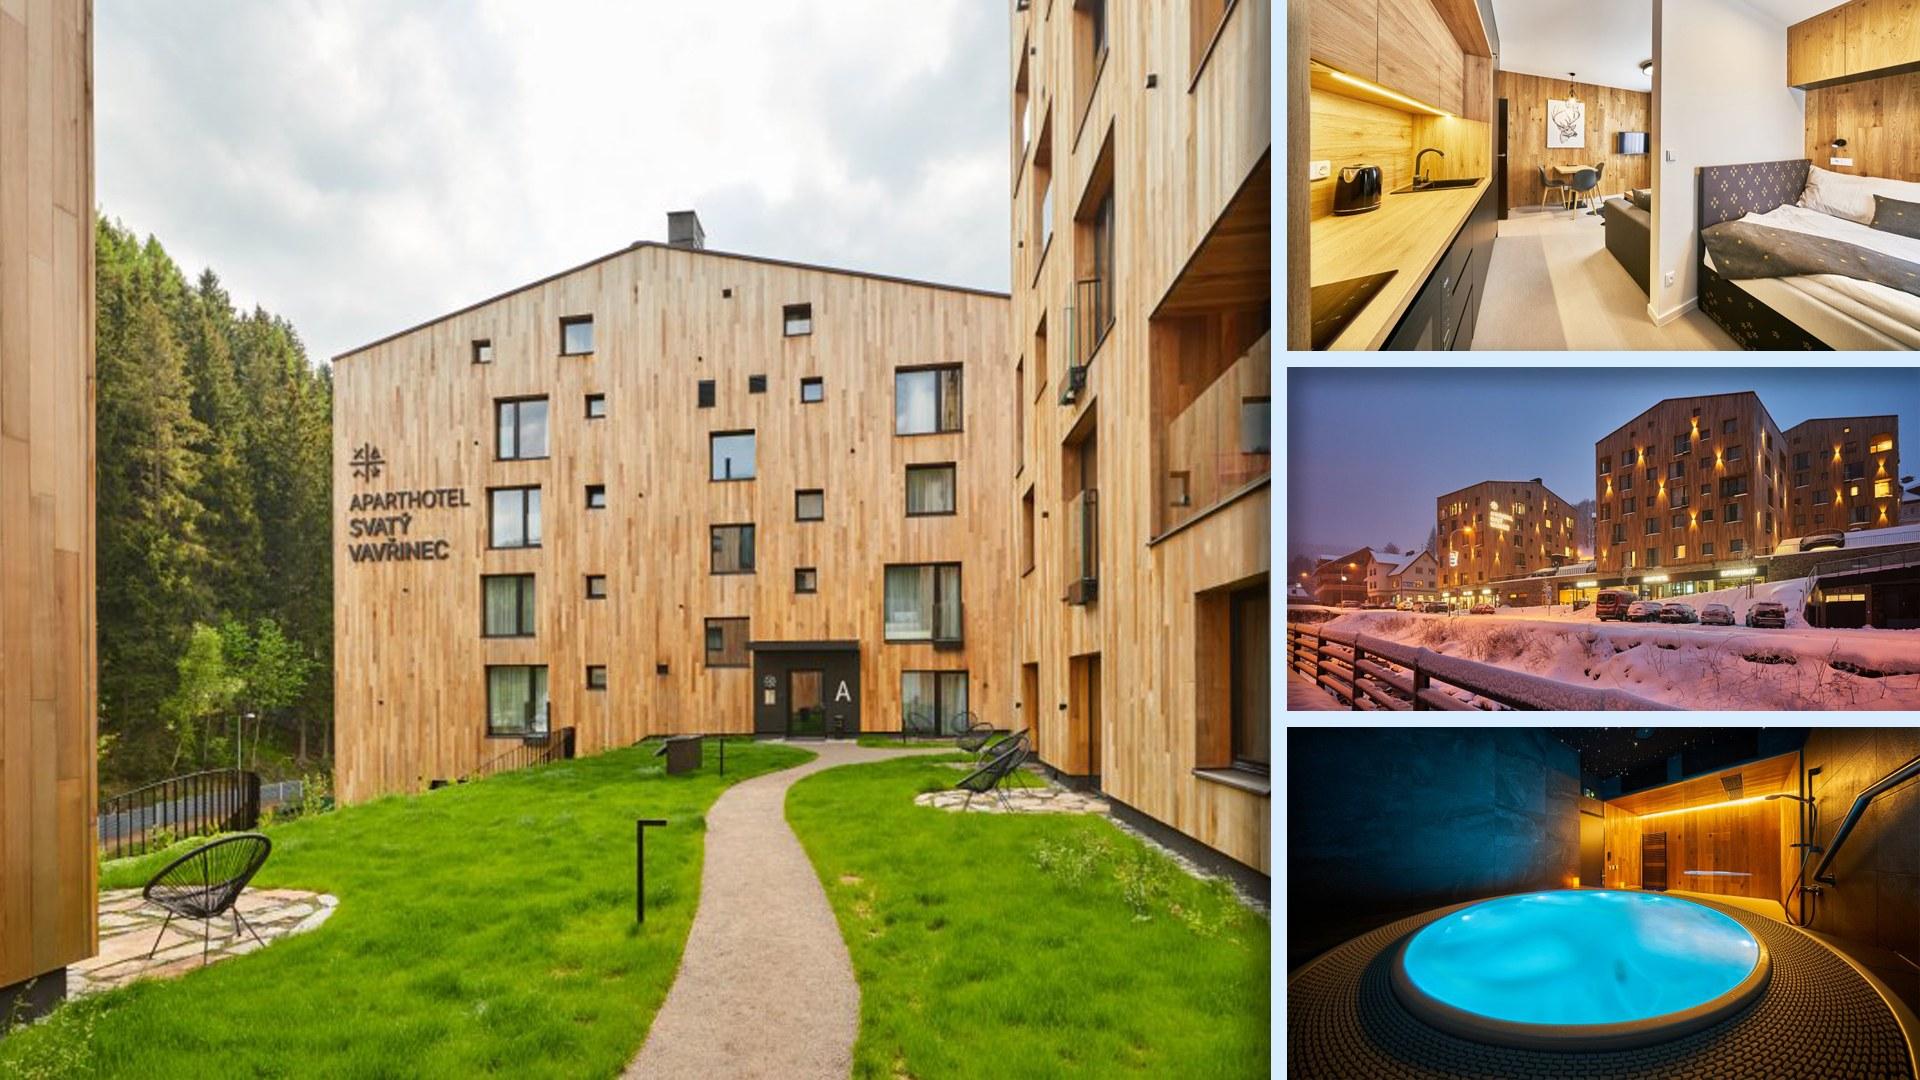 Aparthotel Svatý Vavřinec - Luxus v srdci Pece pod Sněžkou